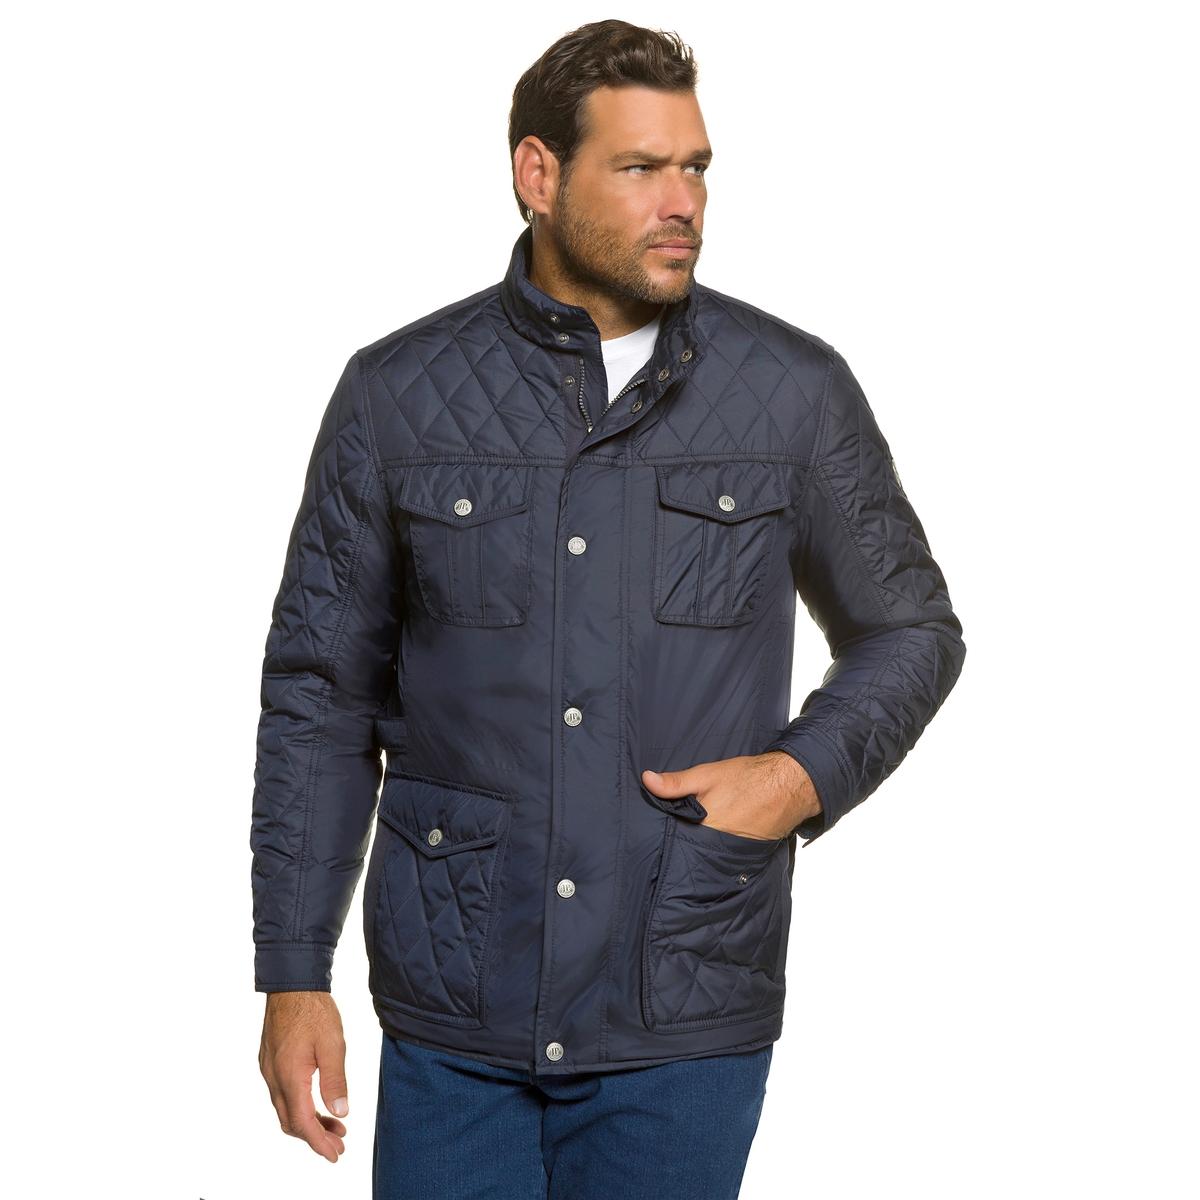 Куртка стеганаяПрямой покрой, на завязках, скрытая молния, 4 кармана. Планки застежки по бокам на поясе, манжеты с застежкой на кнопки. Стеганая подкладка контрастного цвета, кармана на молнии. Длина в зависимости от размера 78-87,5 см.<br><br>Цвет: темно-синий<br>Размер: 6XL.7XL